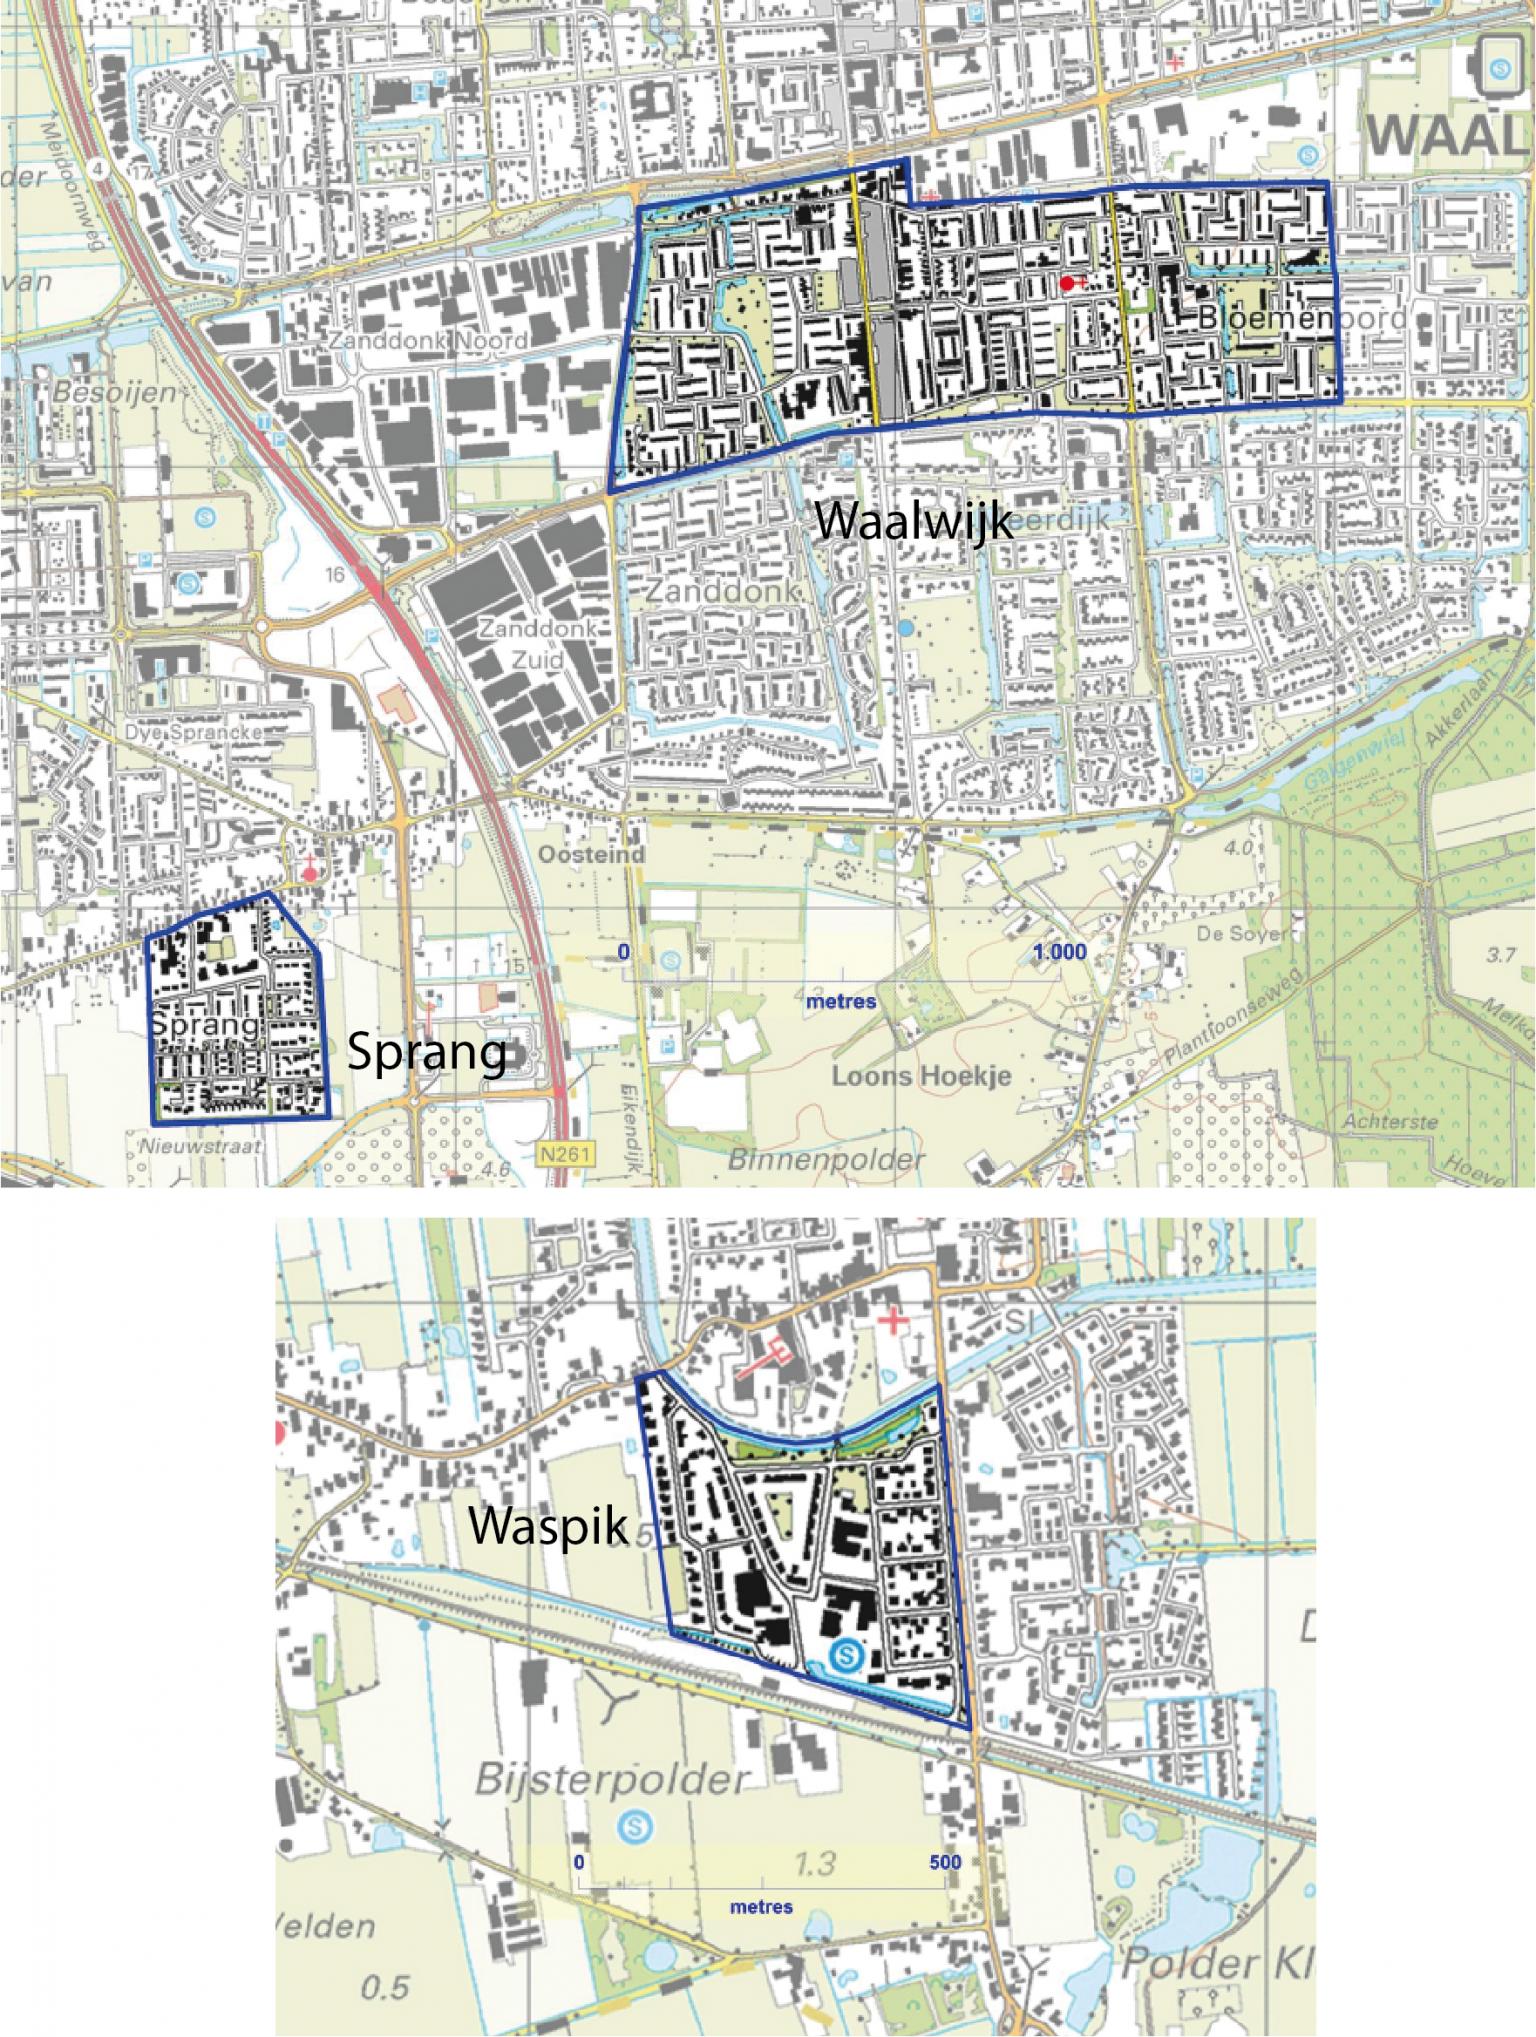 waalwijk_wijkselectie